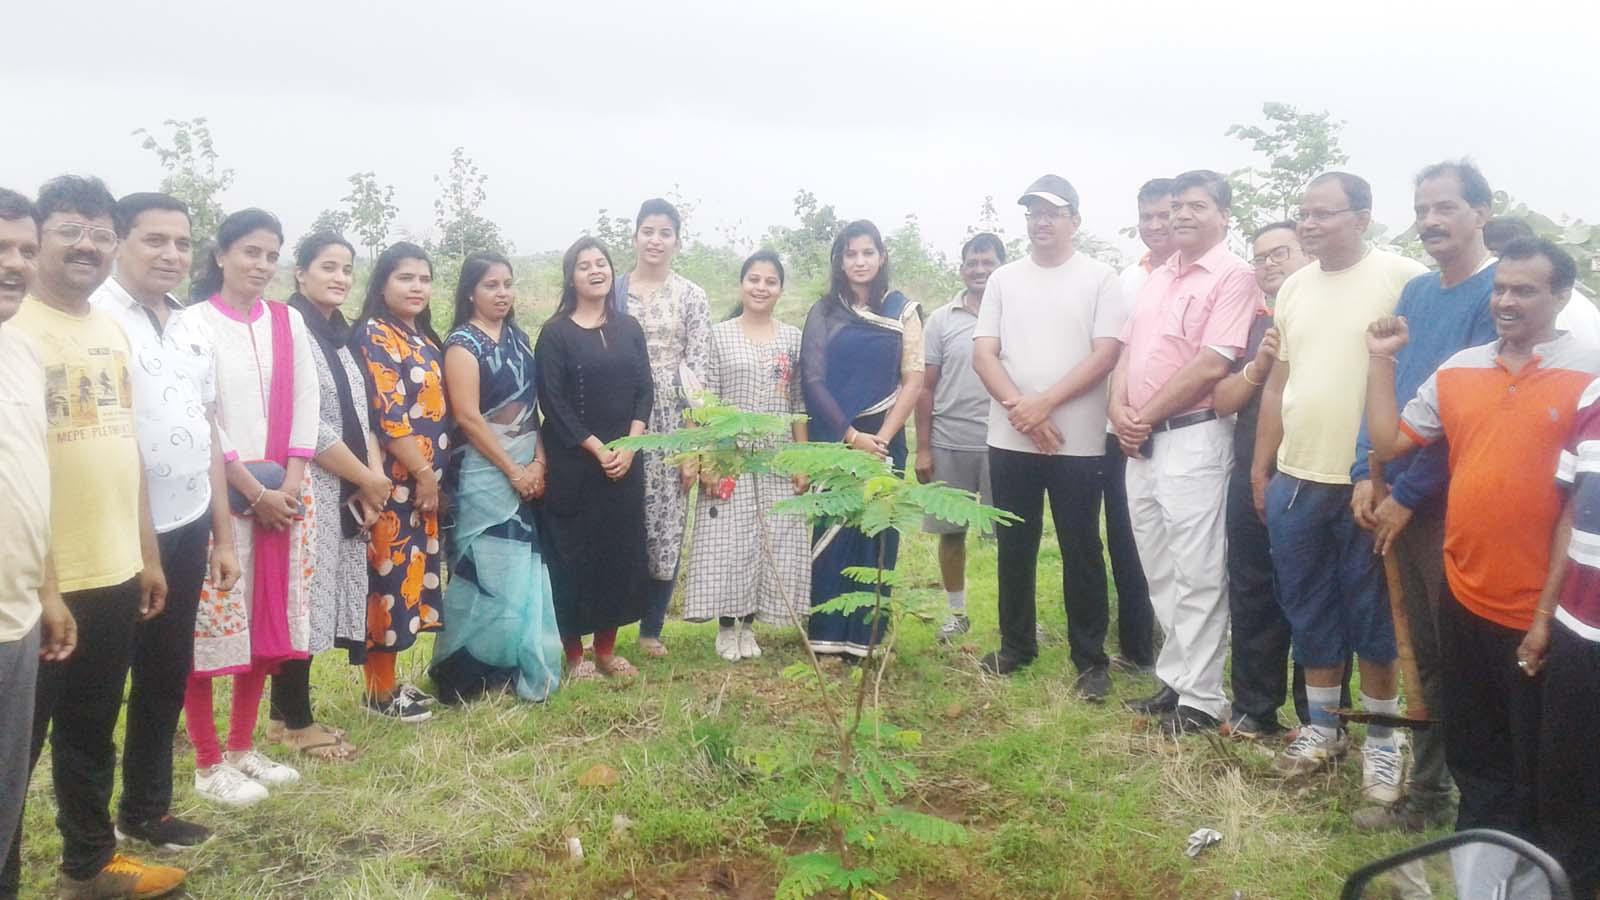 Jhabua News- हाथीपावा पर 1200 पौधों का एक साथ रोपण कर तीसरी वार्षिकी को बनाया गया ऐतिहासिक